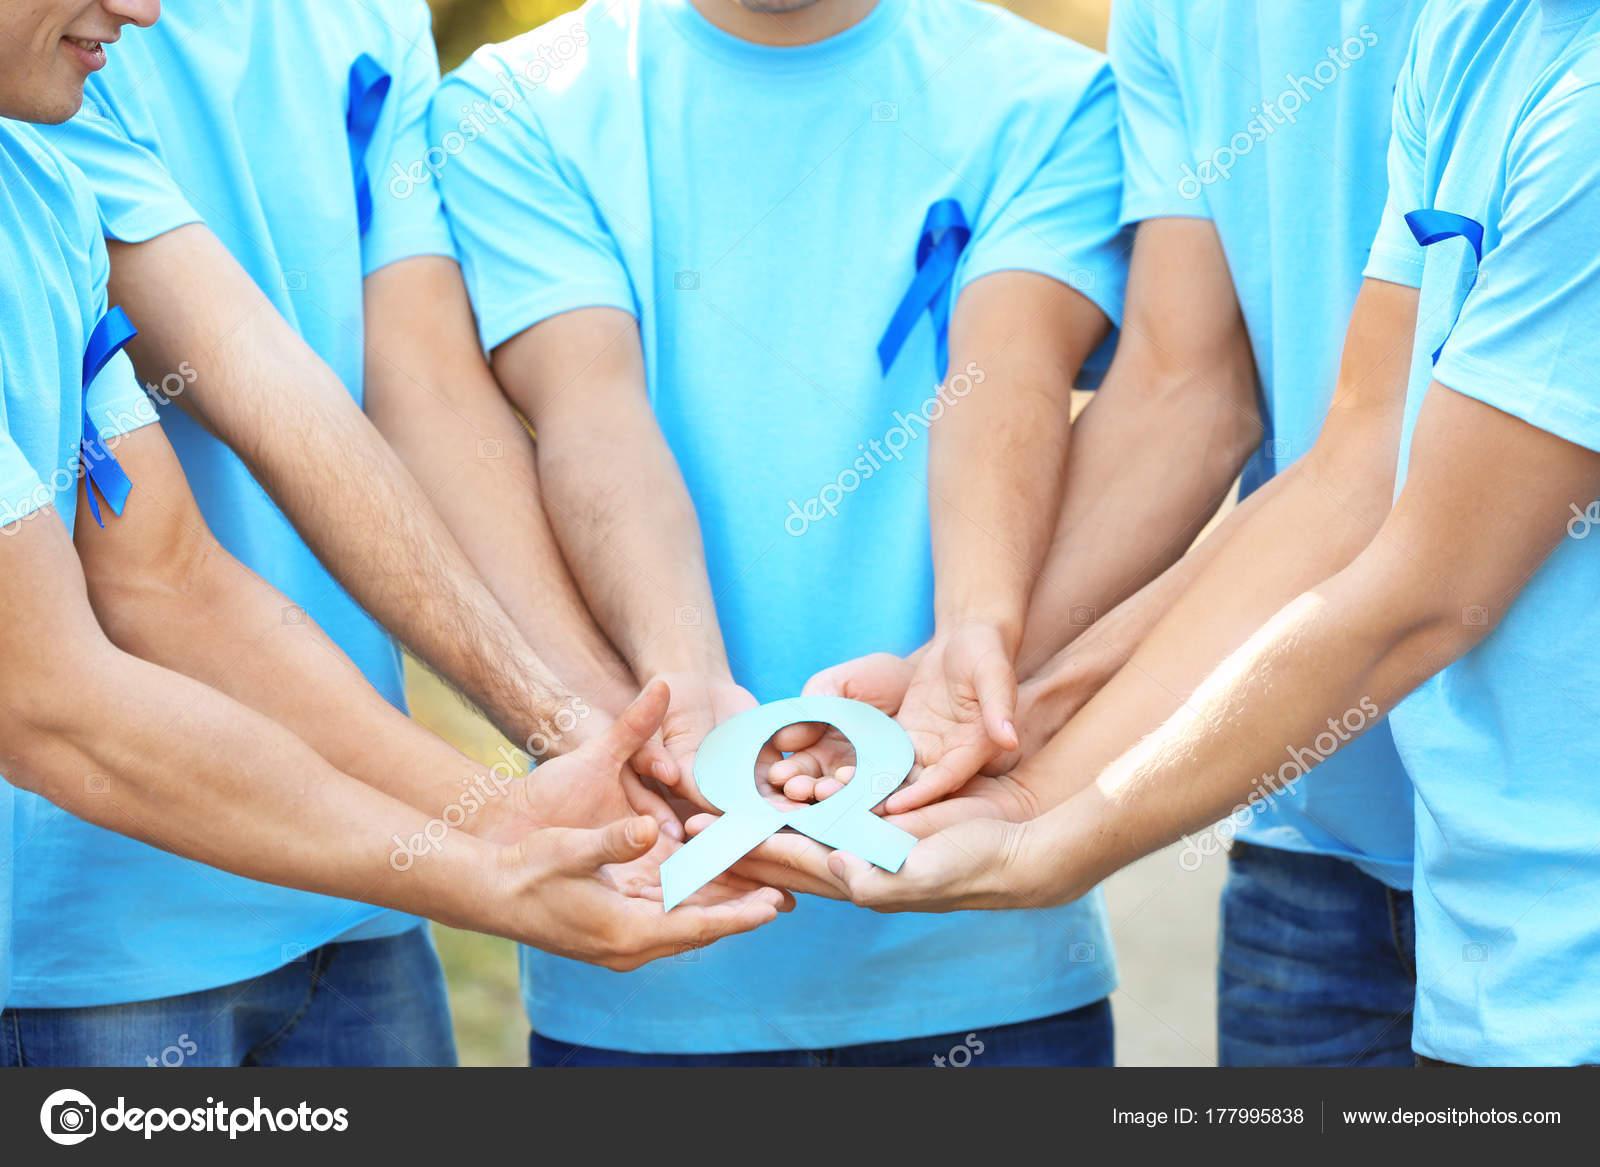 Medicale el grup de prostatitis tratament de pret